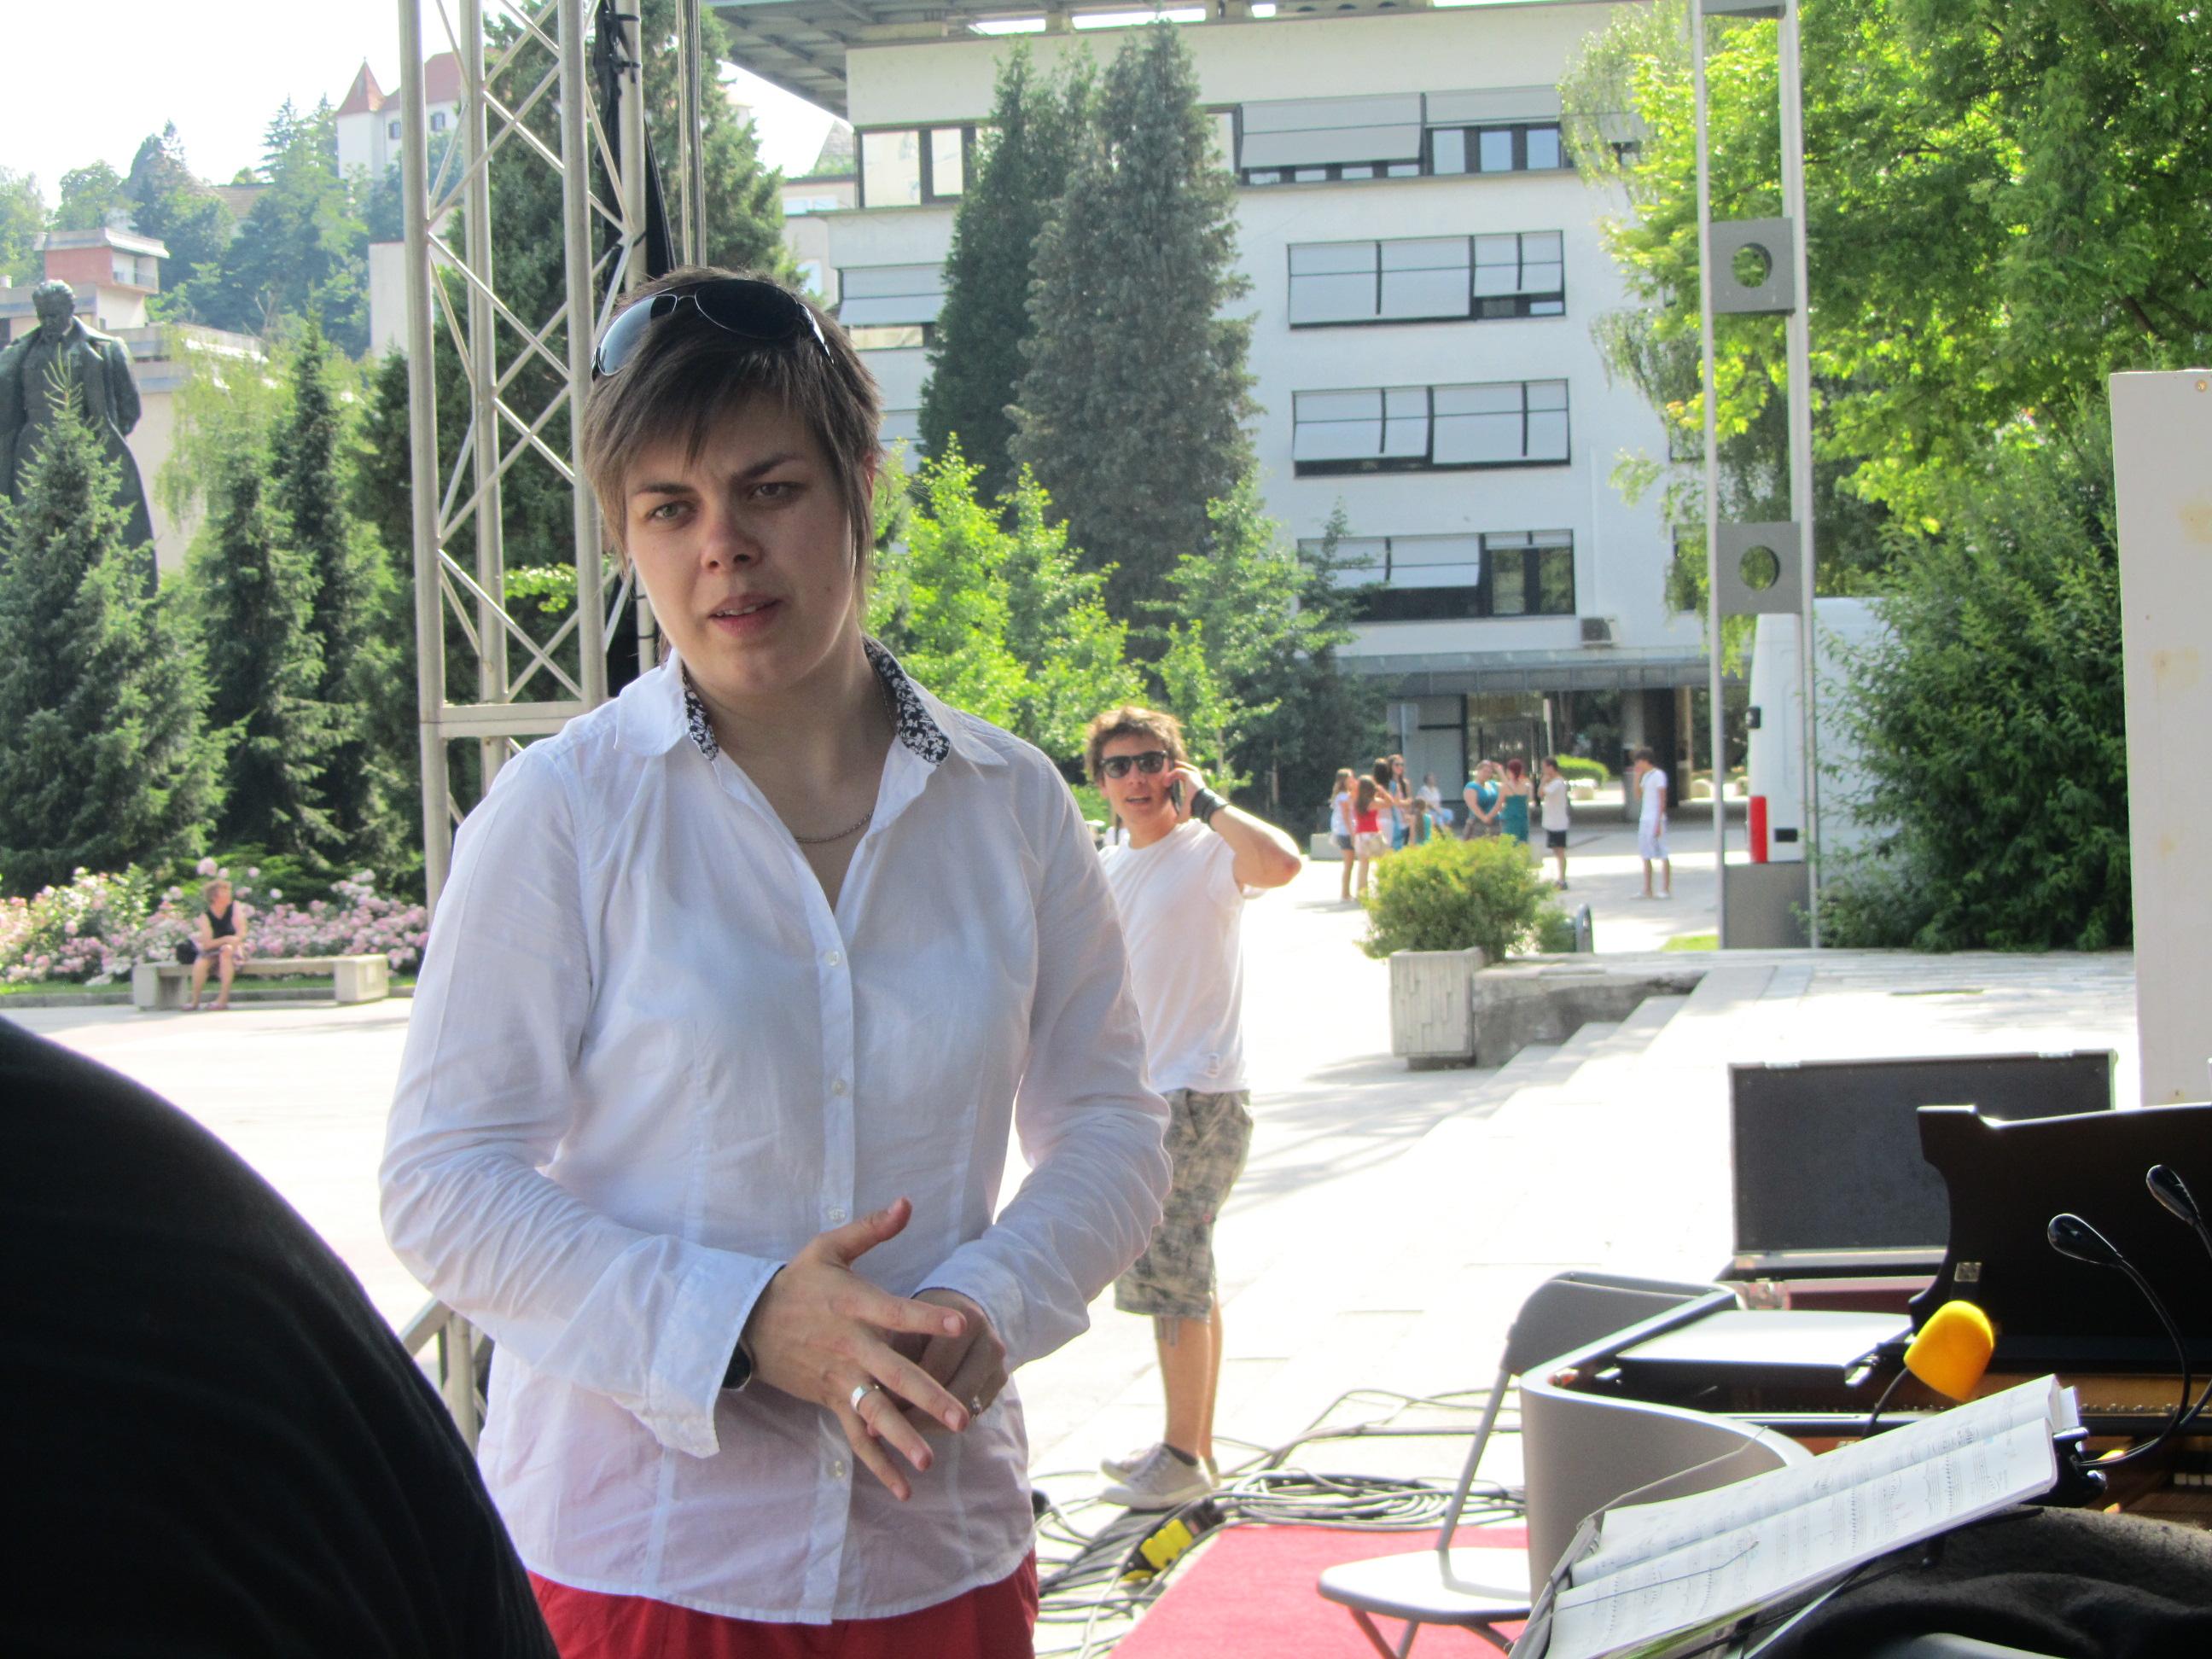 Dirigentka Martina Batič